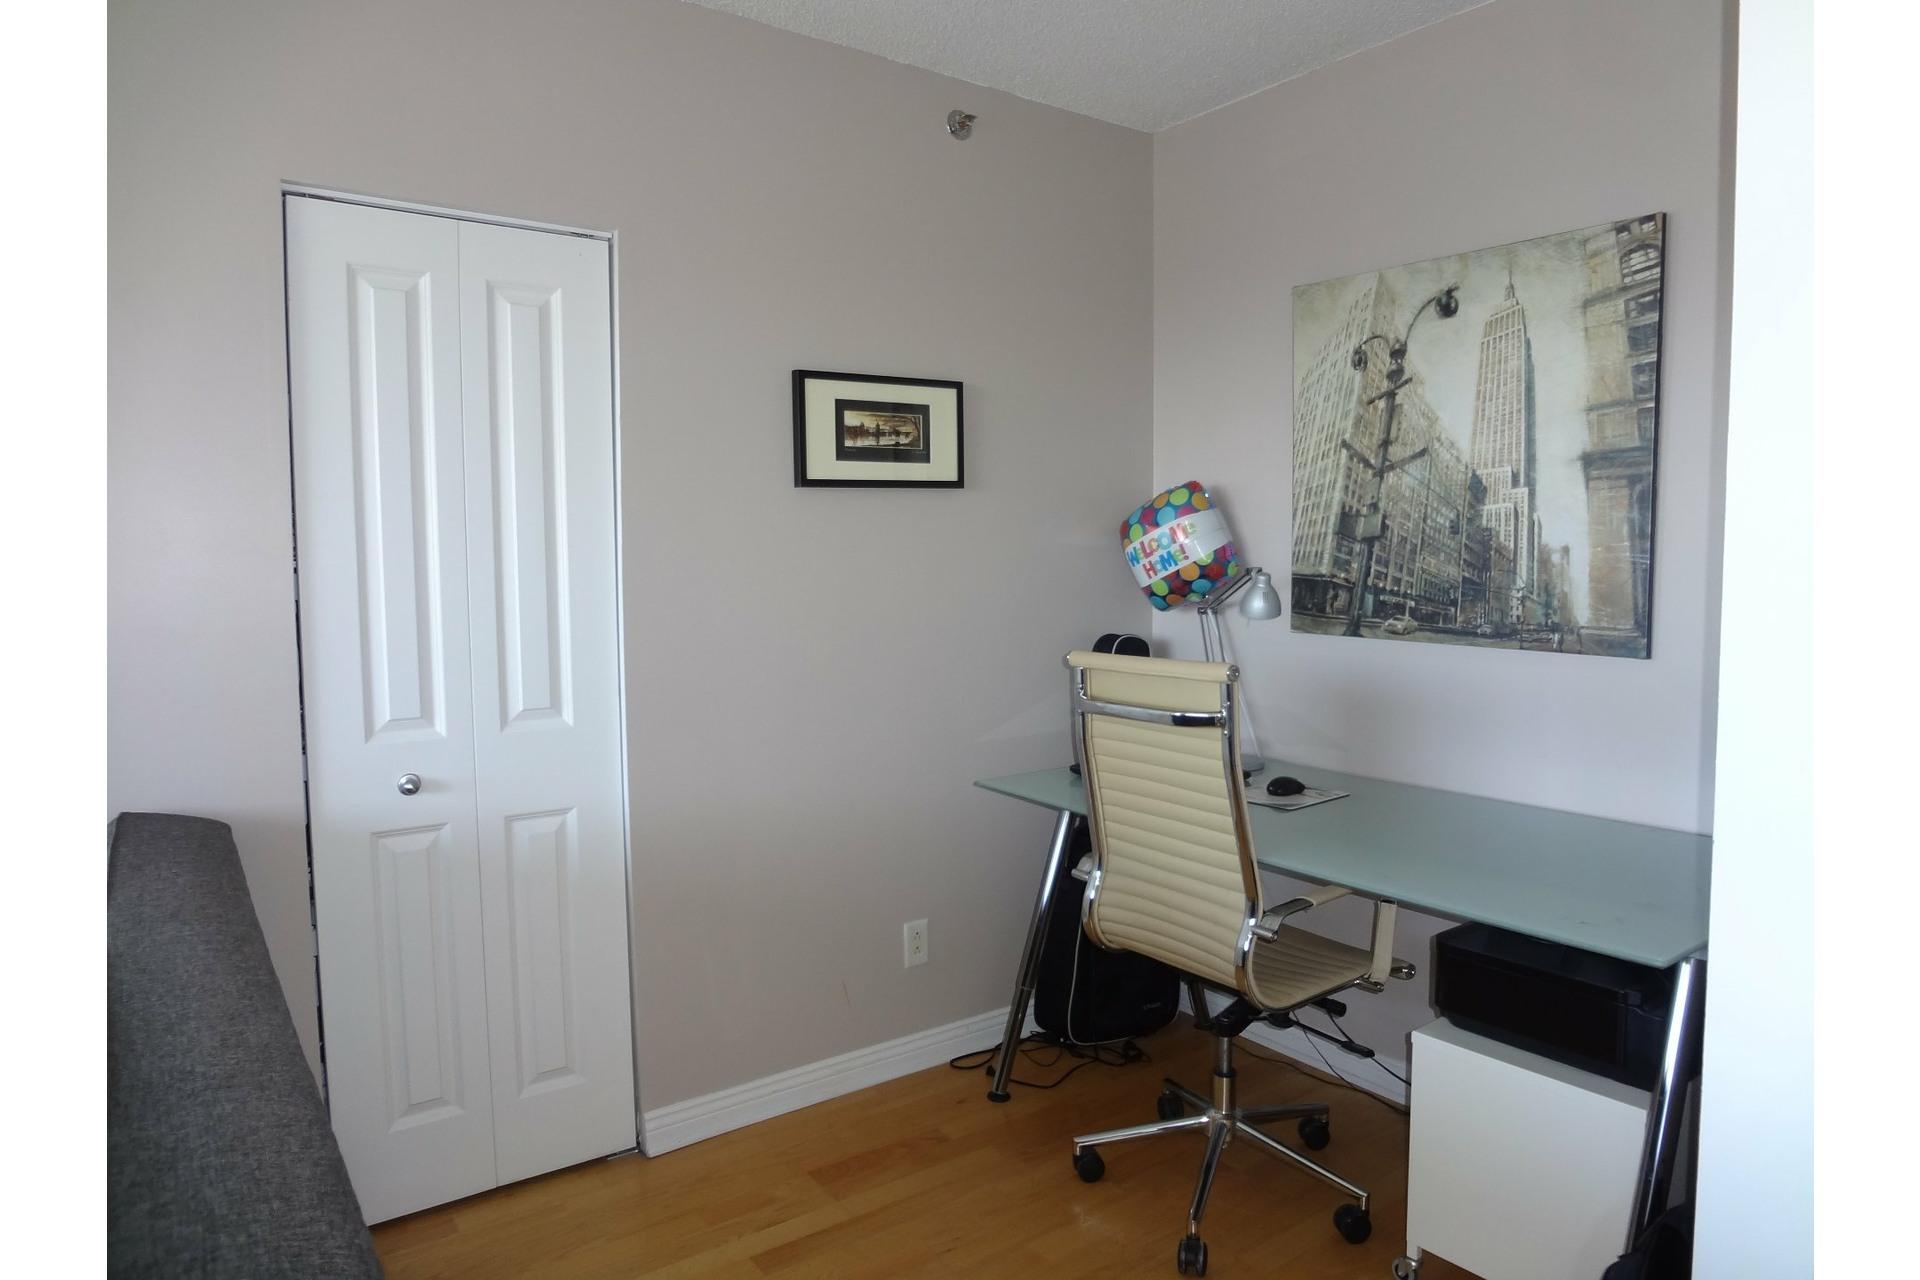 image 4 - Apartment For rent Montréal Ville-Marie  - 4 rooms